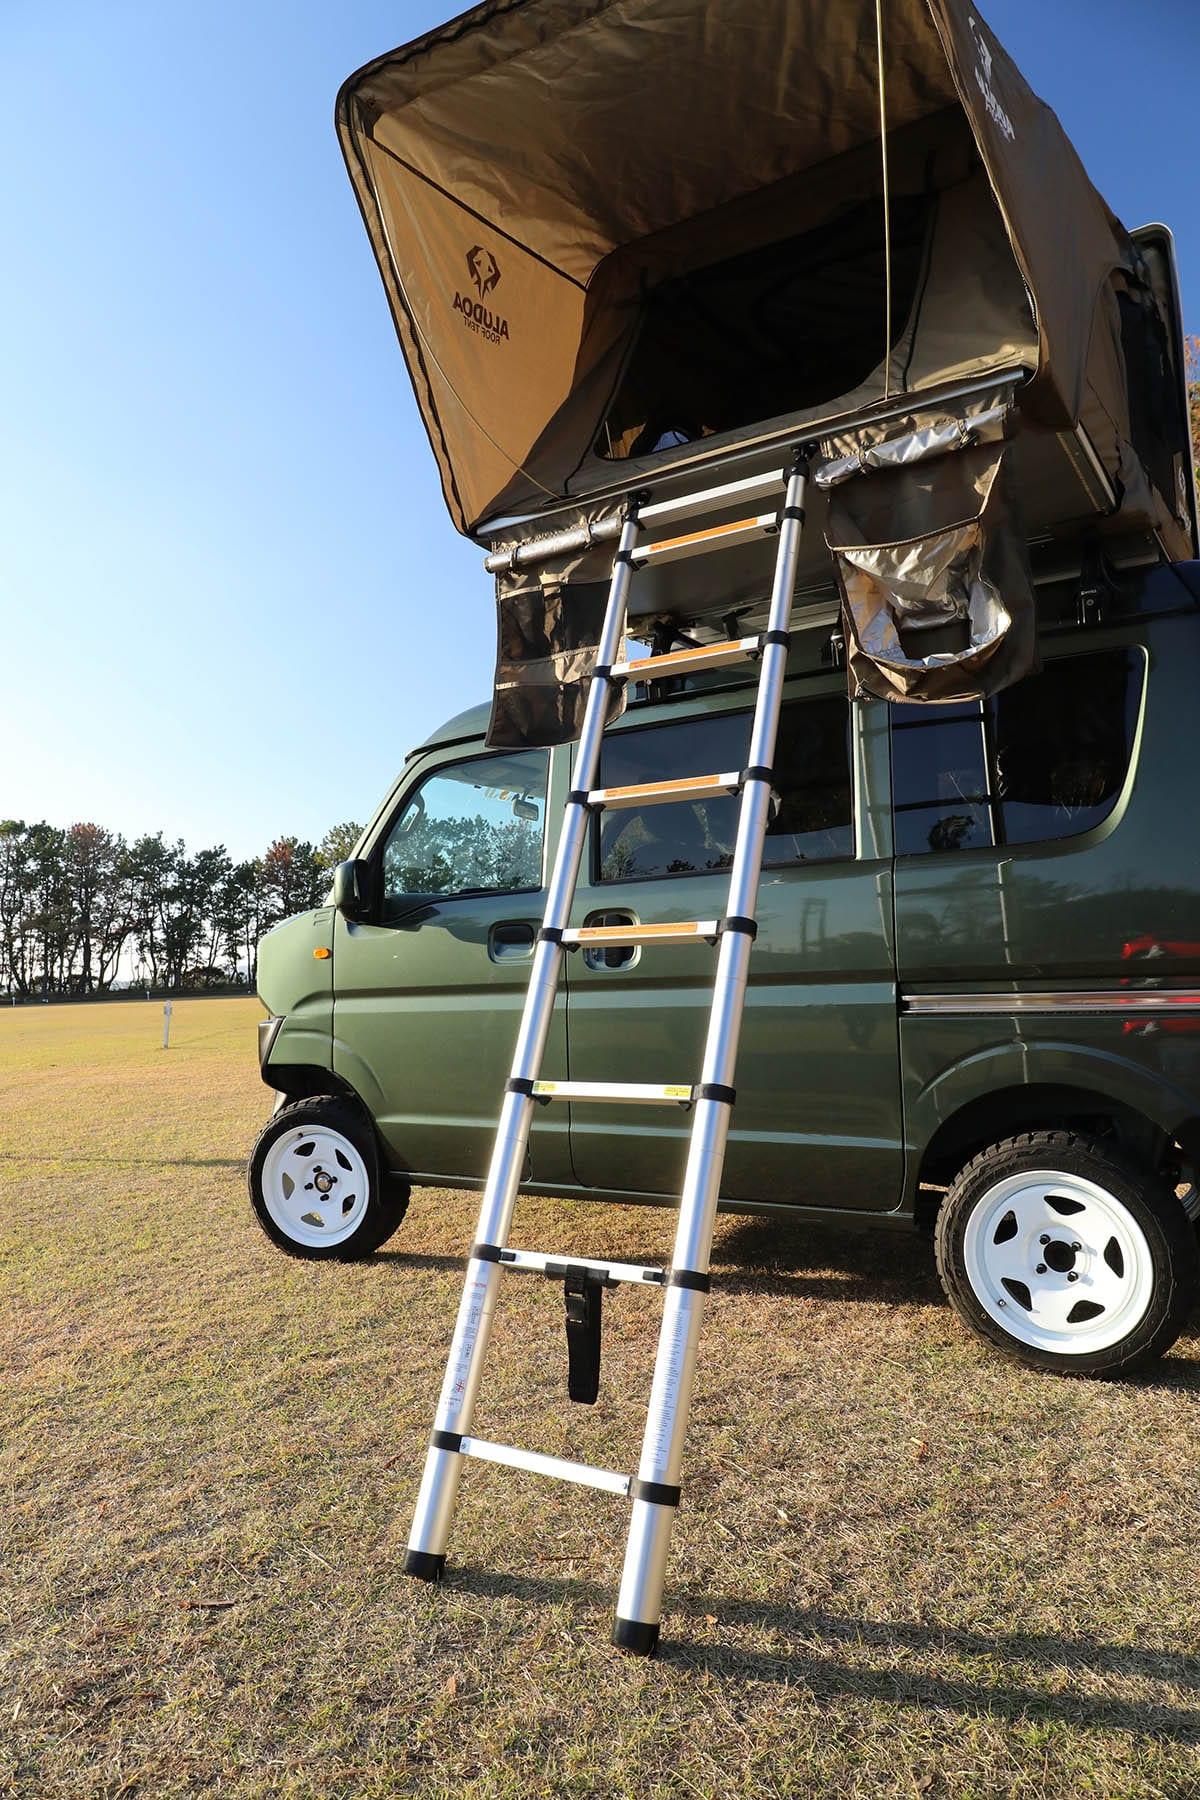 【軽バンだってルーフテント使えば4人で車中泊】ジムニー顔のエブリイ=ジムリィは、見た目はジムニーだけどキャビンが広い!